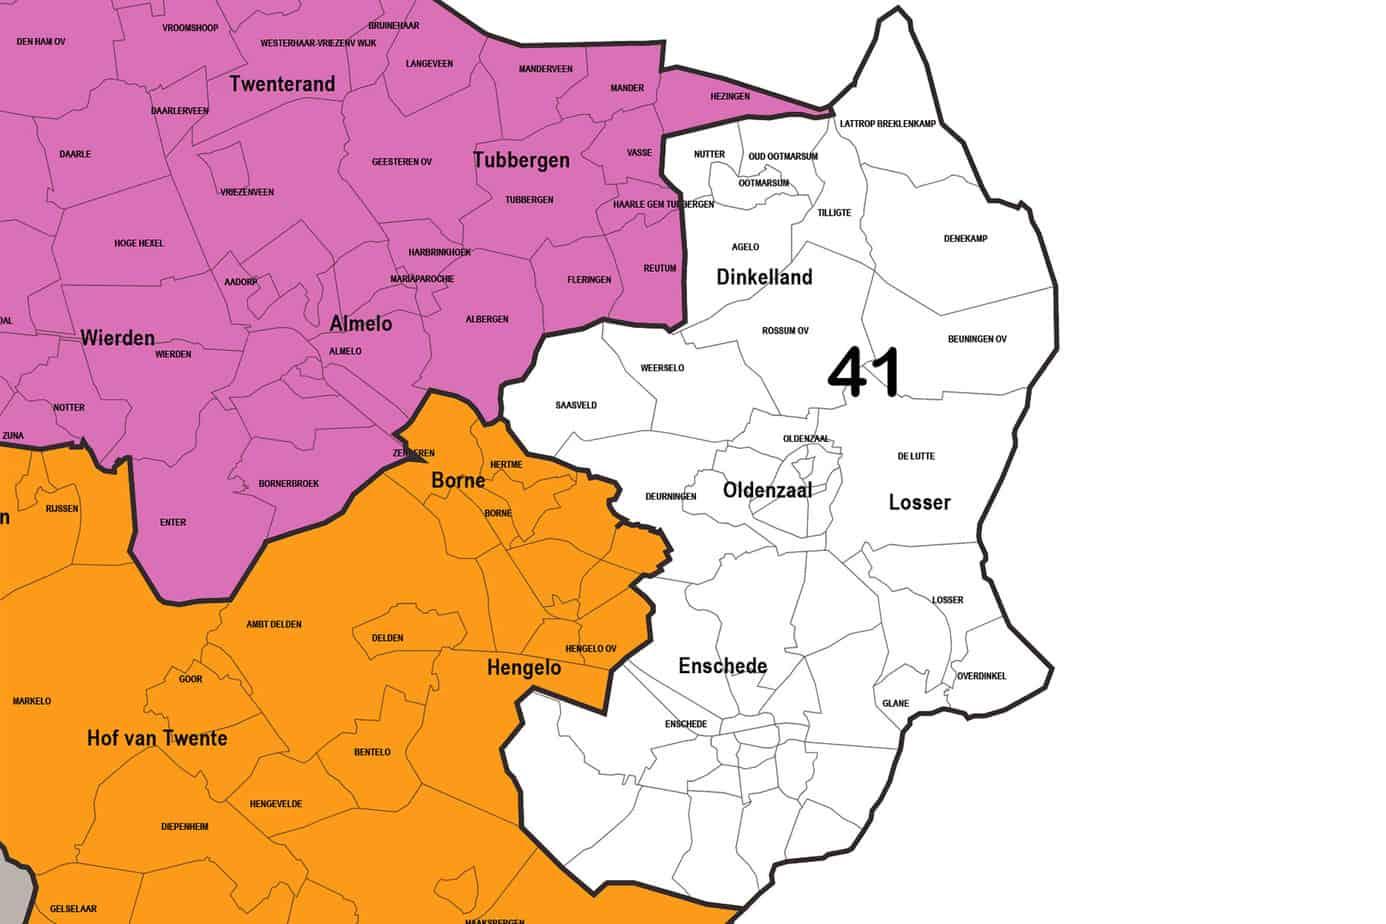 Regio 41 - Enschede - Oldenzaal